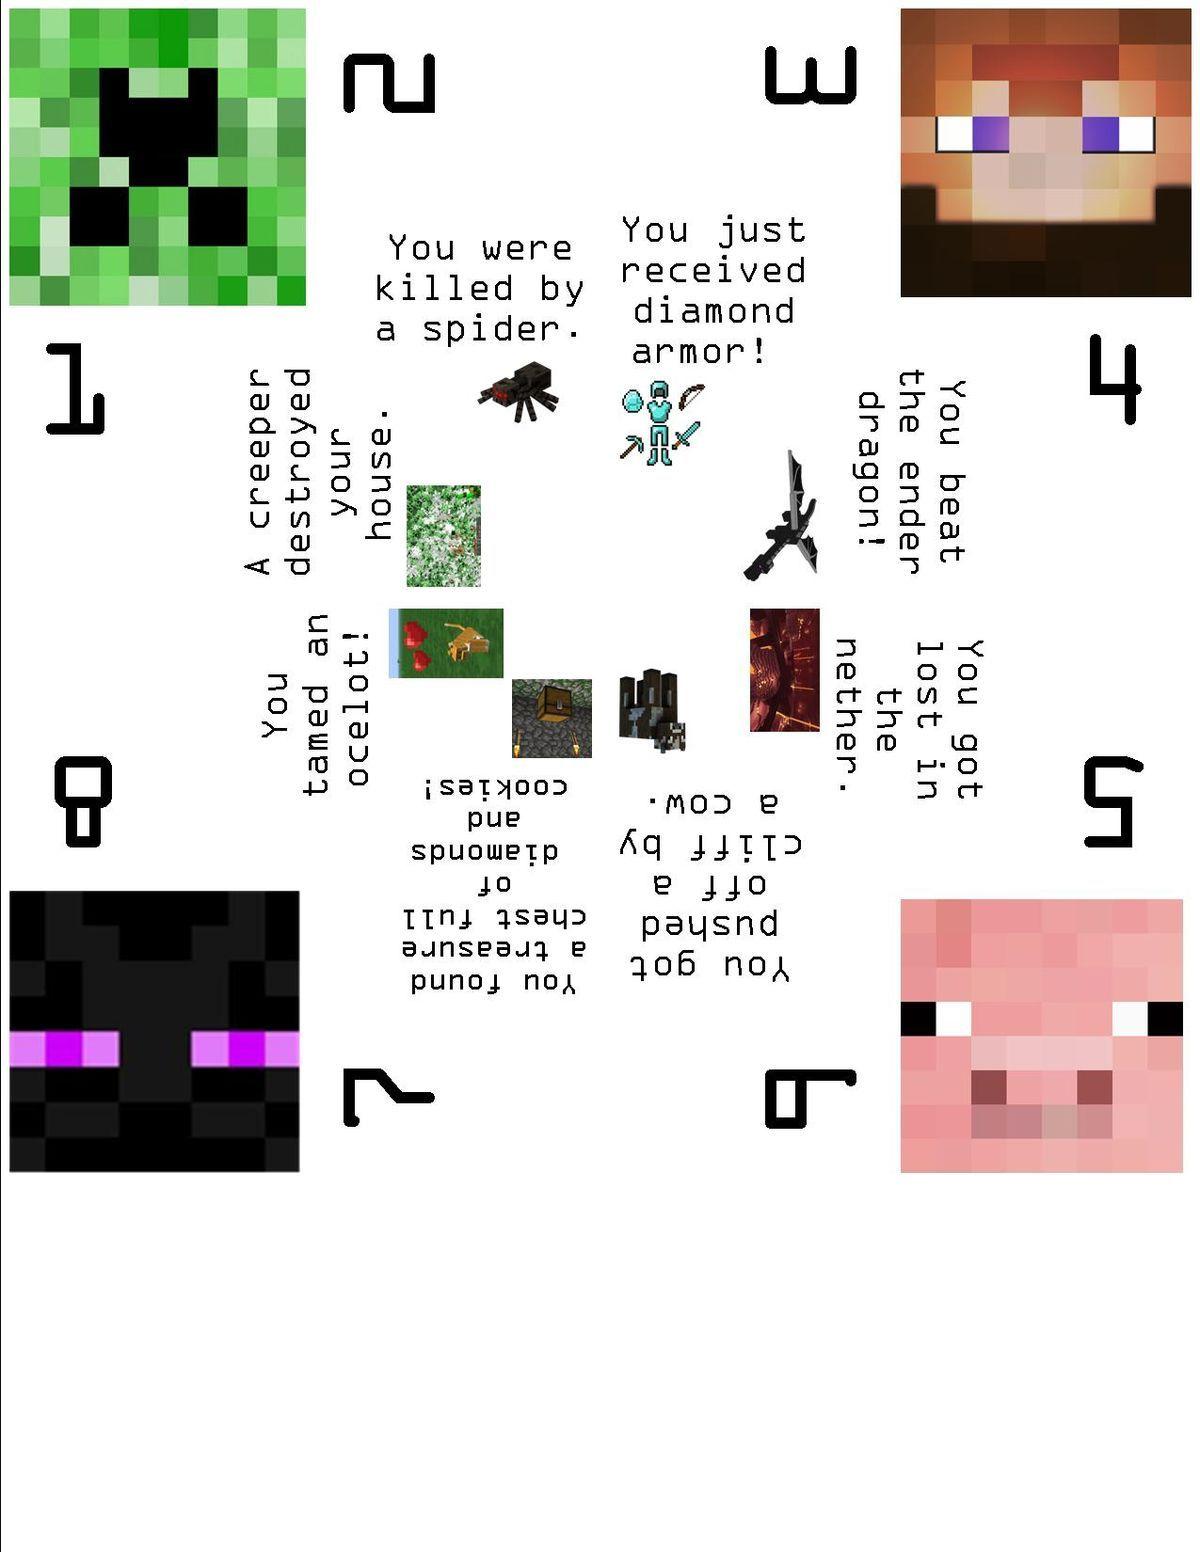 Pin By Samantha Hua On Minecraft